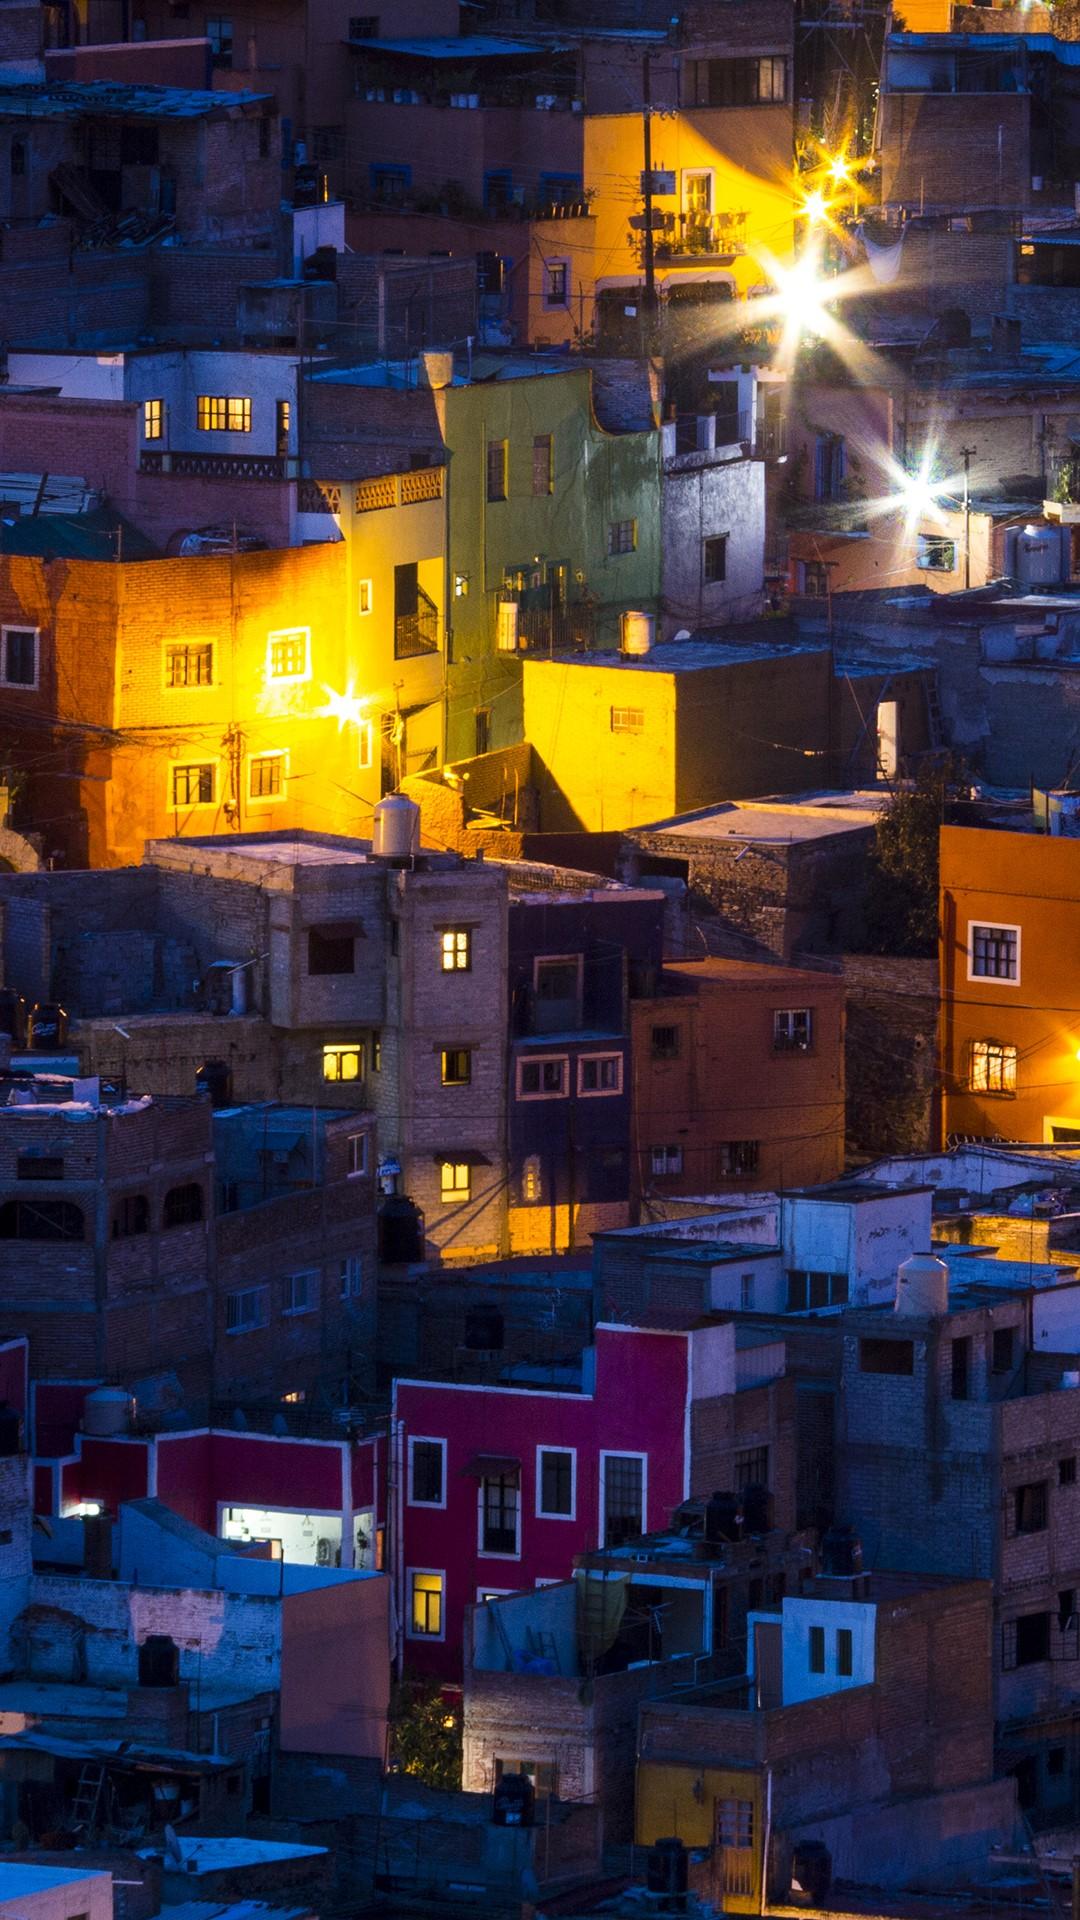 Night Lighting Of The City Of Ganajuanto Mexico Windows